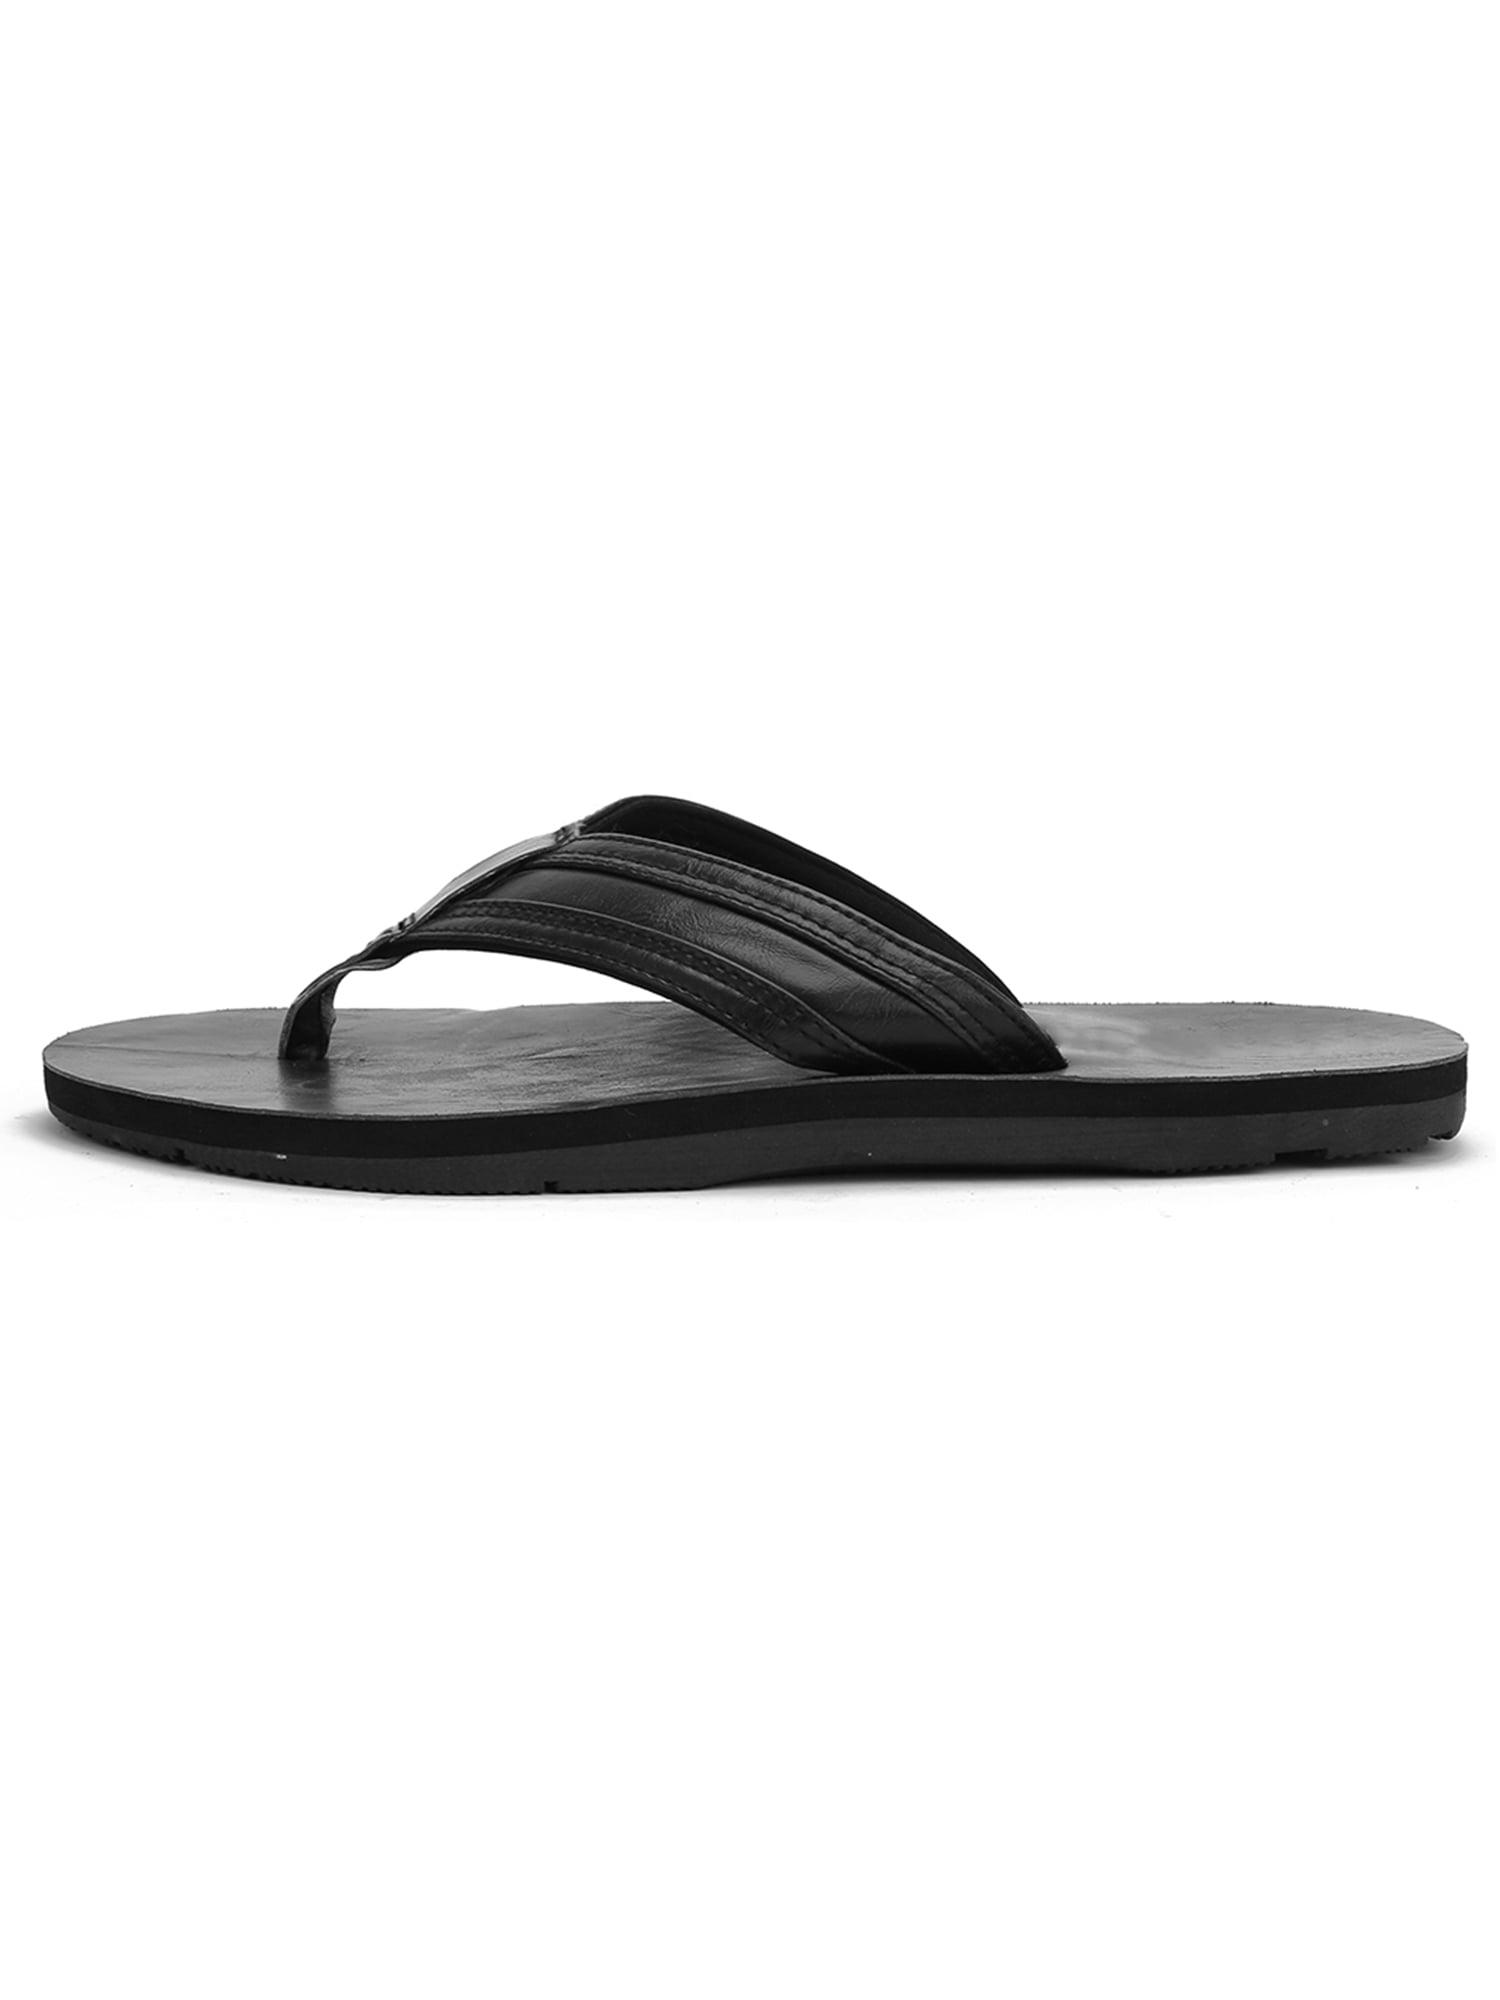 9bd18e9505ae Tanleewa - Men Flip Flop Thong Sandals Comfort Lightweight Slippers -  Walmart.com